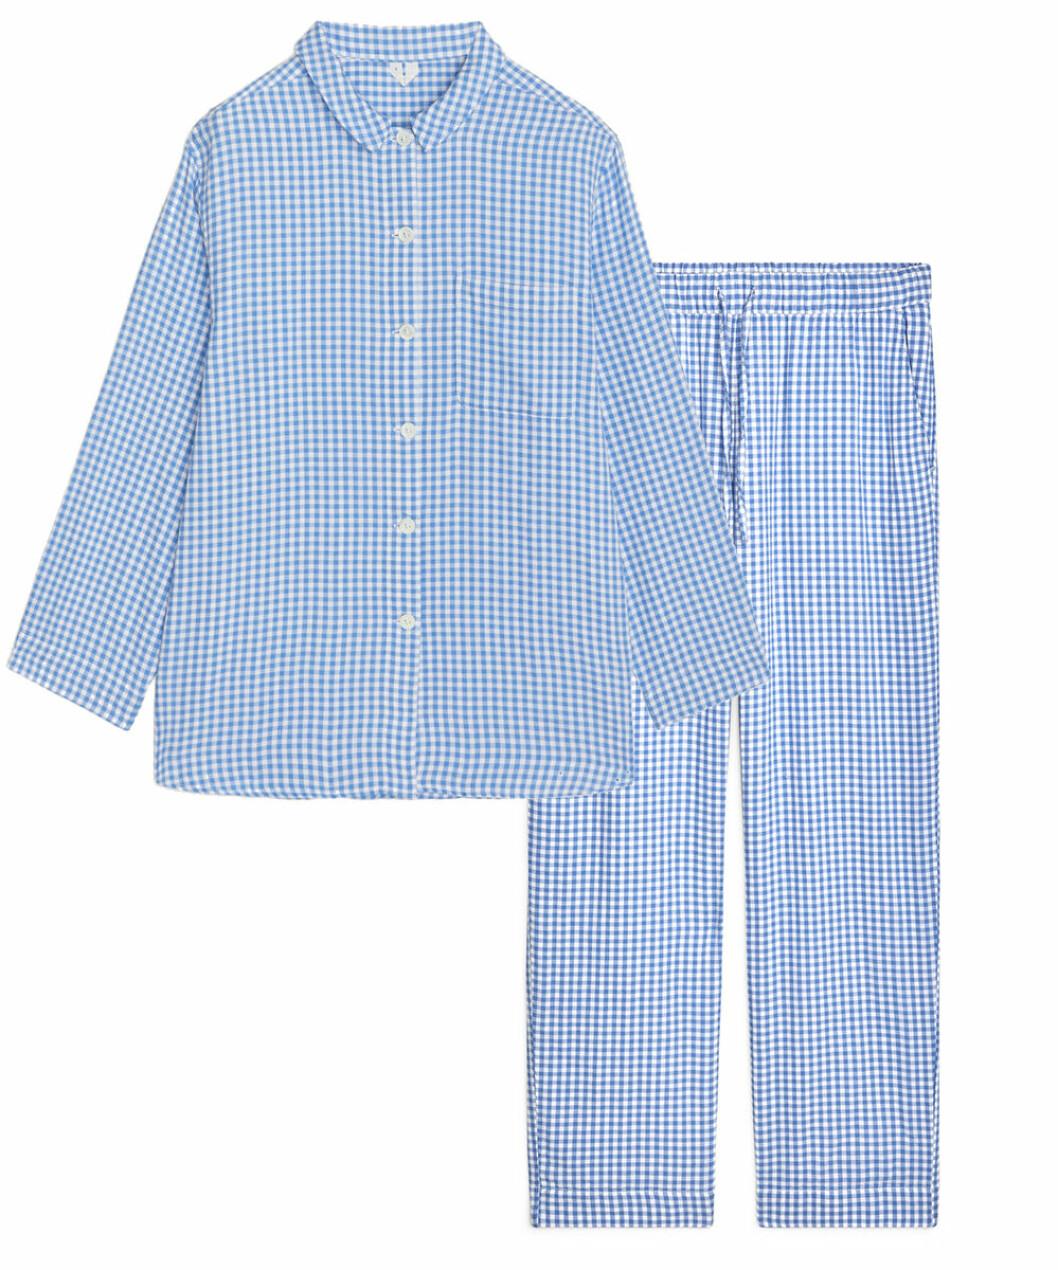 Rutig pyjamas till vintern 2018